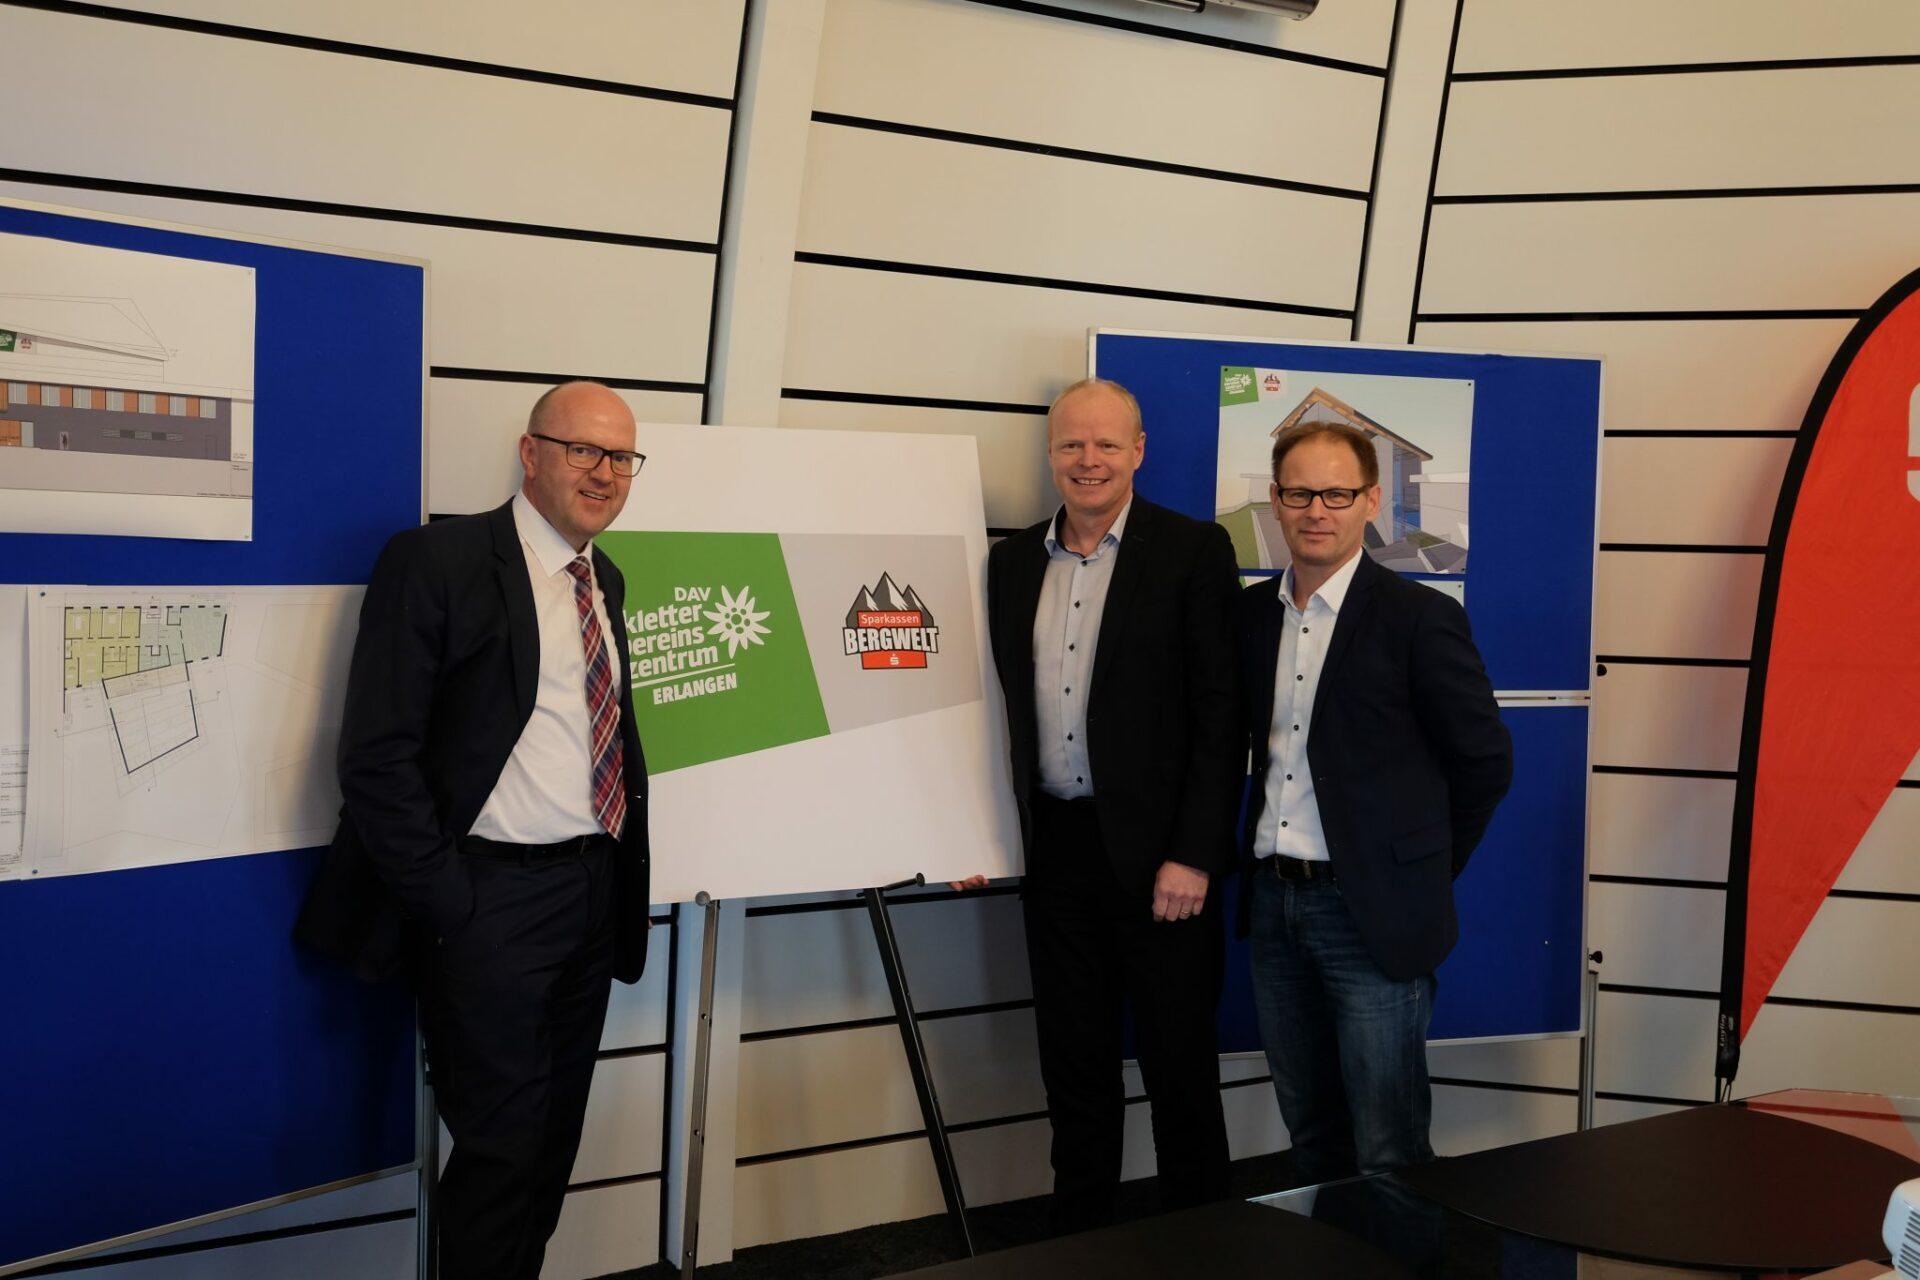 Johannes von Hebel (SPK), Kai Lenfert (DAV) und Ulrich Klement (Sportamt) begrüßen die Zusammenarbeit und und präsentieren das neue Logo.